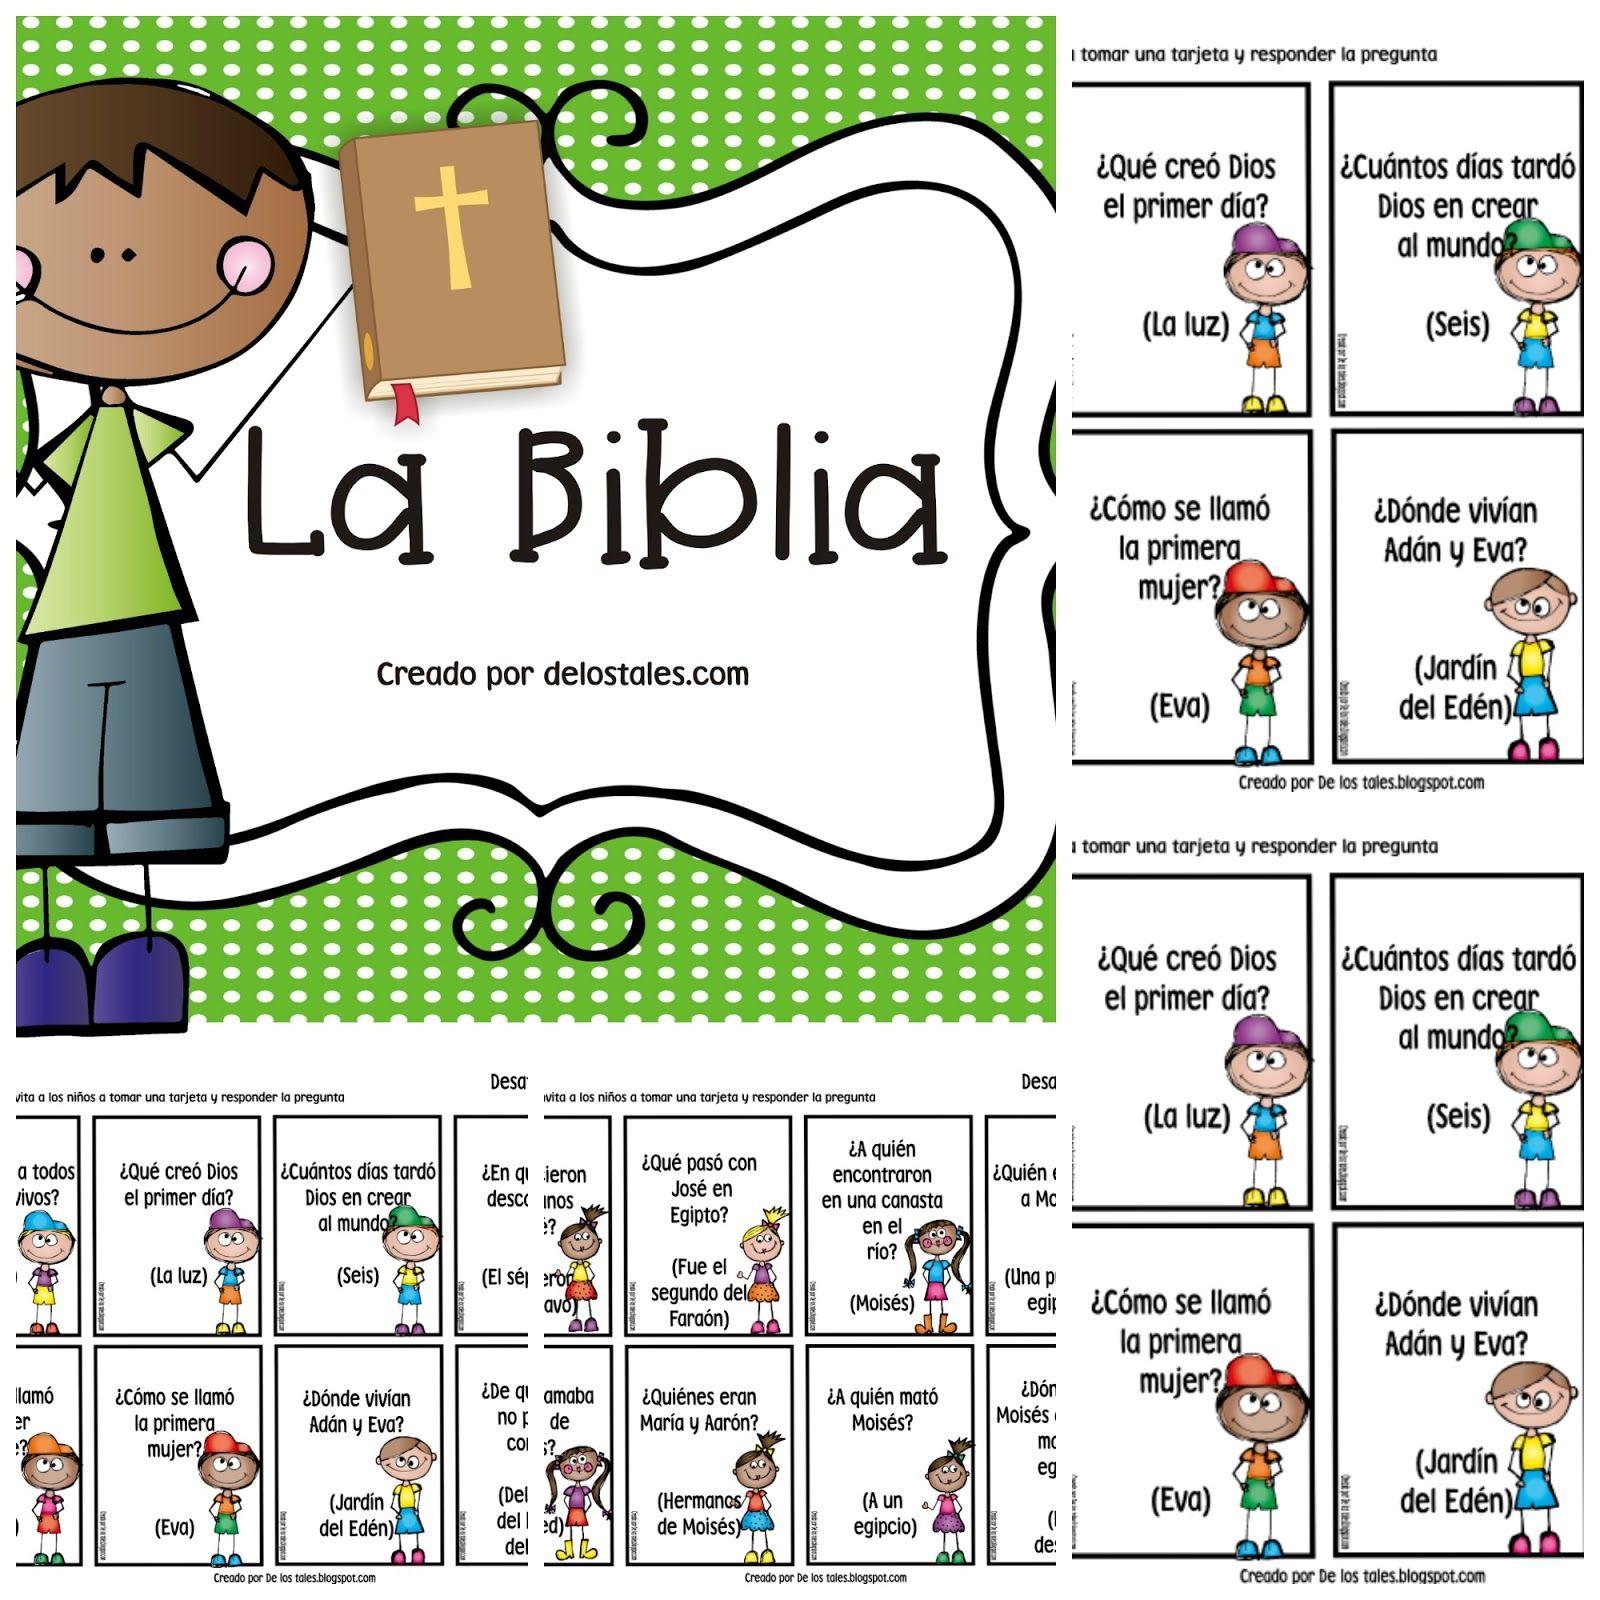 Libros De La Biblia Y Preguntas De Los Tales Lecciones Bíblicas Para Niños Estudios Bíblicos Para Niños Libros De La Biblia